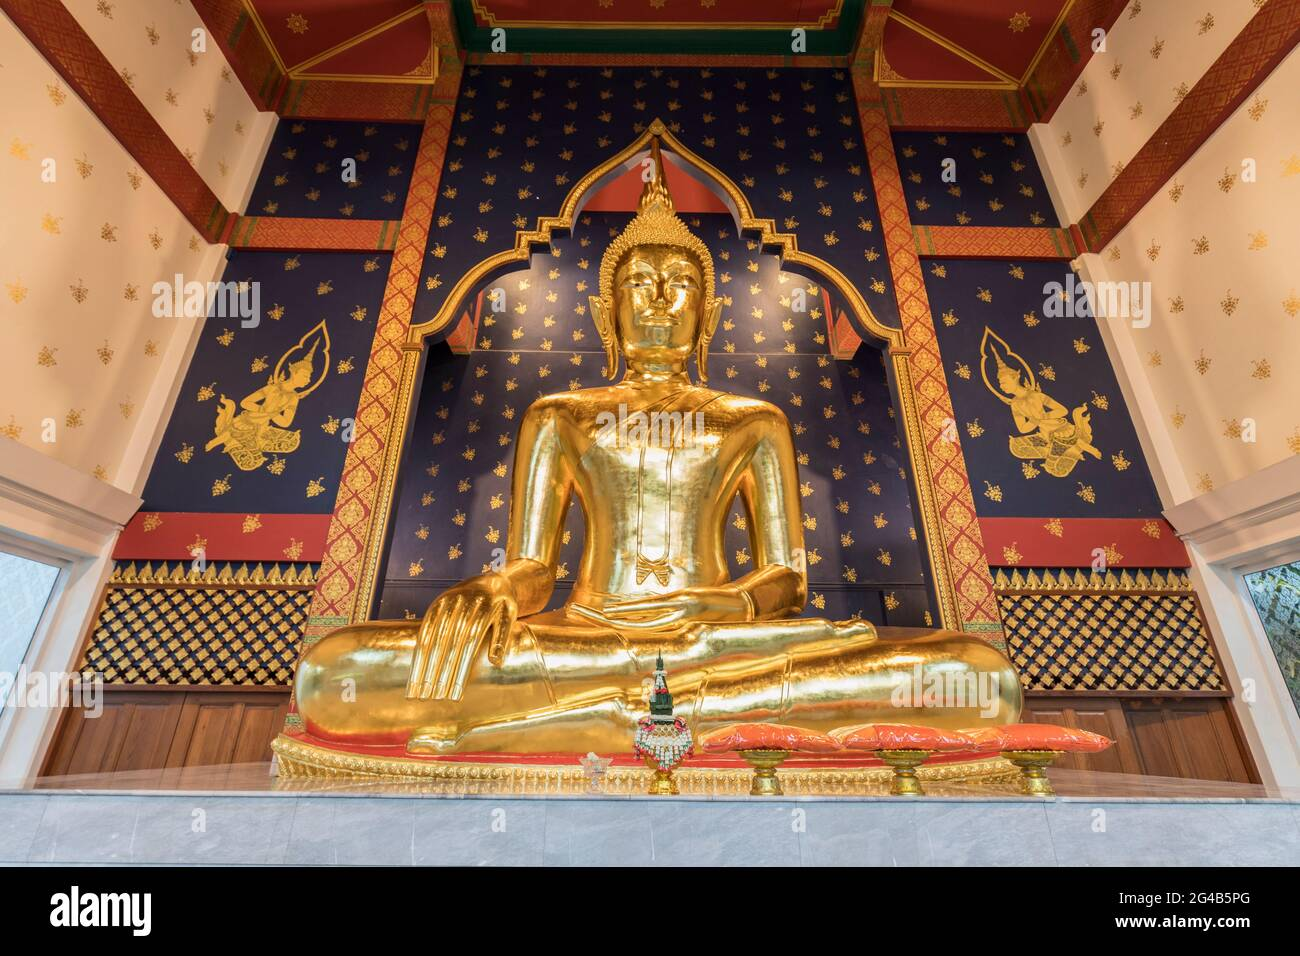 bouddha d'or à Wat Saket, montagne d'or, Temple de Srakesa, Bangkok, Thaïlande Banque D'Images